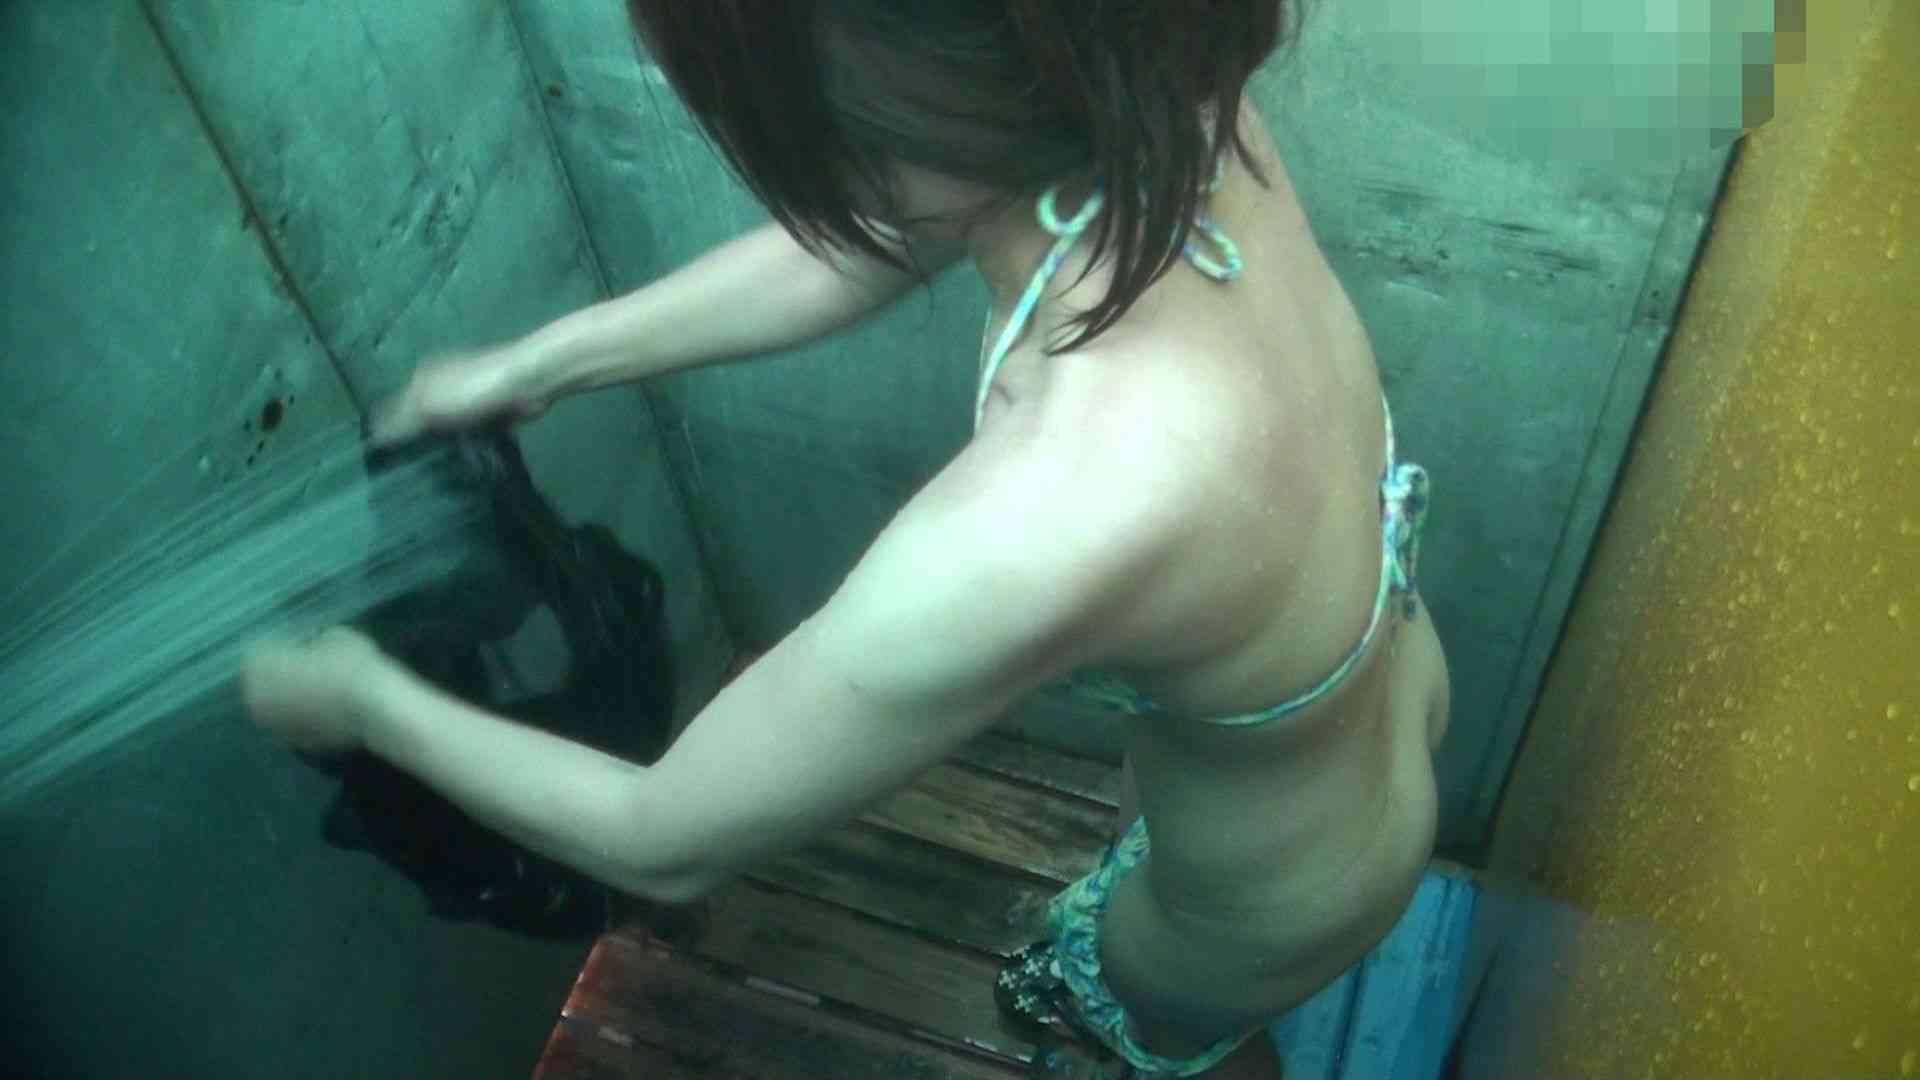 シャワールームは超!!危険な香りVol.15 残念ですが乳首未確認 マンコの砂は入念に すけべなOL エロ画像 106画像 82